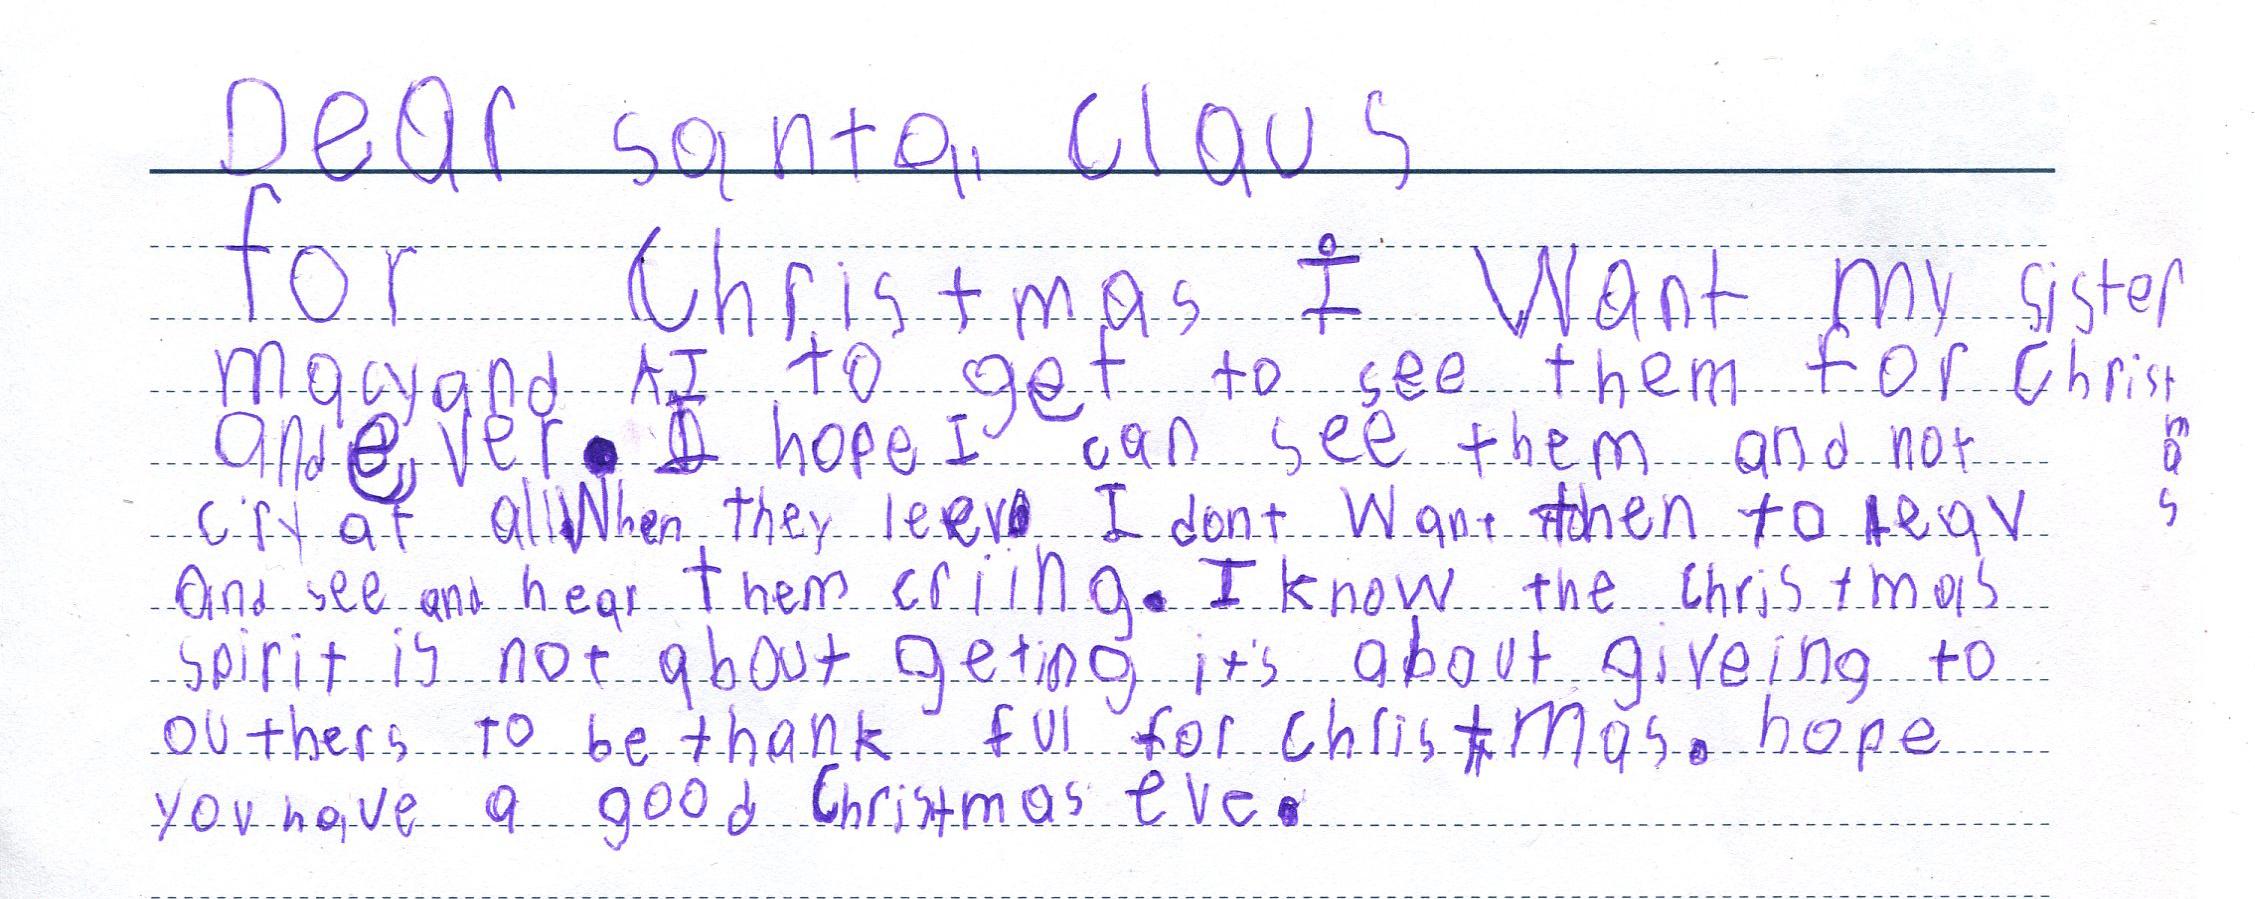 Jake's letter to Santa.